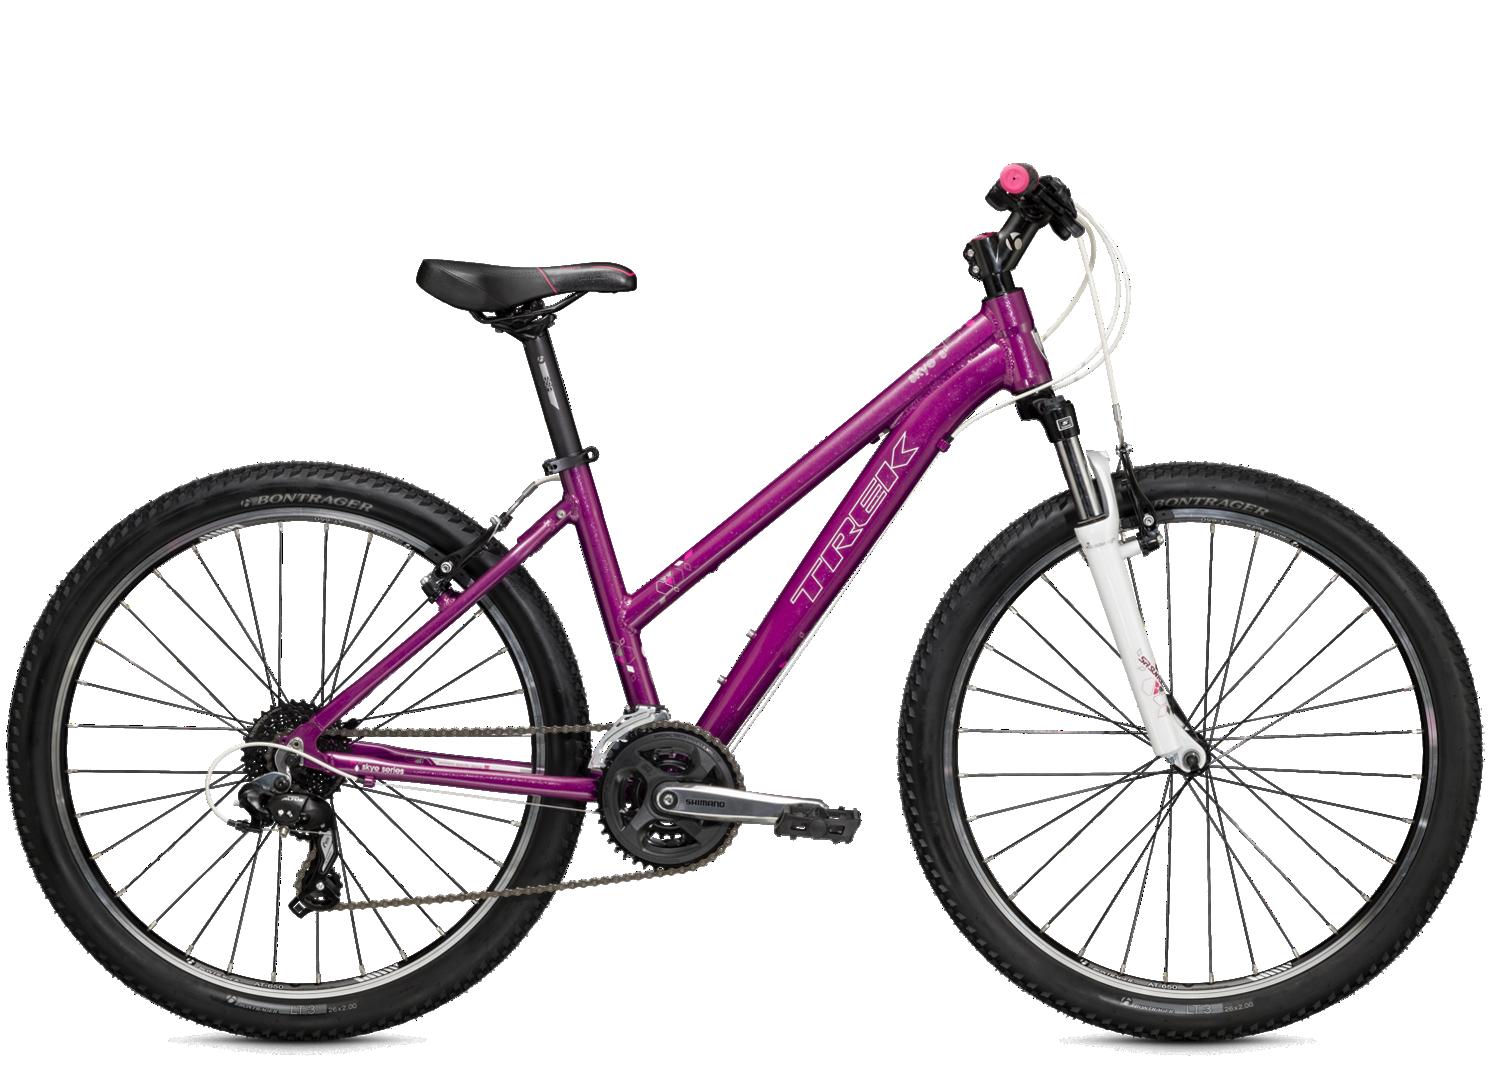 Bicicleta SKYE S 26